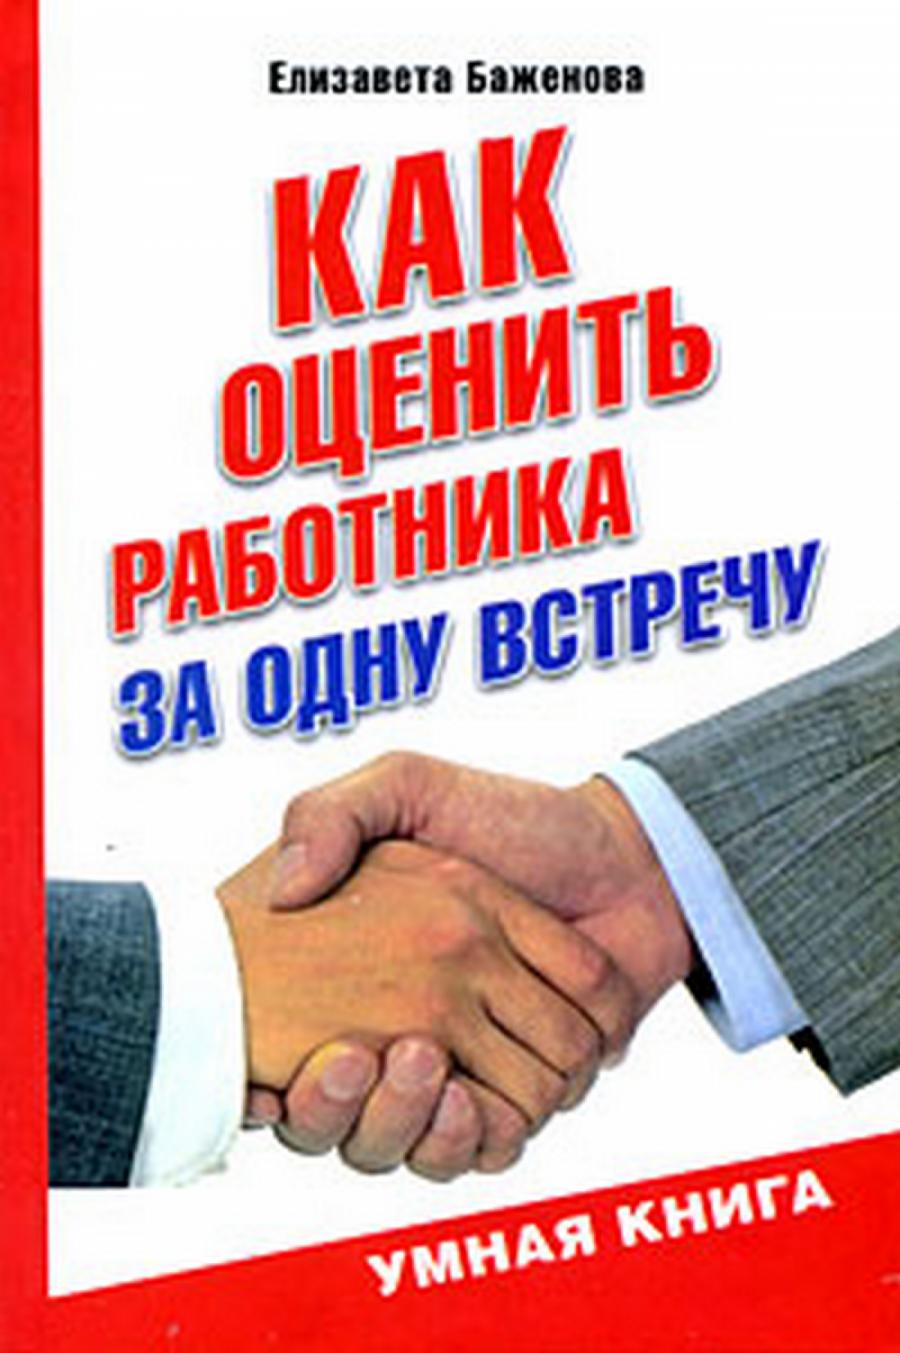 Обложка книги:  елизавета баженова - как оценить работника за одну встречу